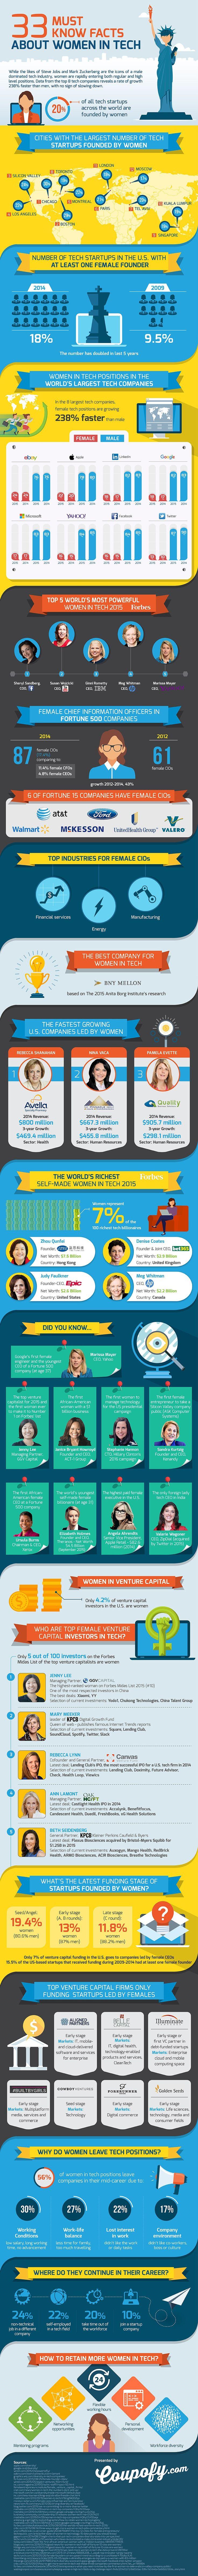 Une infographie qui récapitule la situation des femmes américaines dans le domaine de l'industrie web